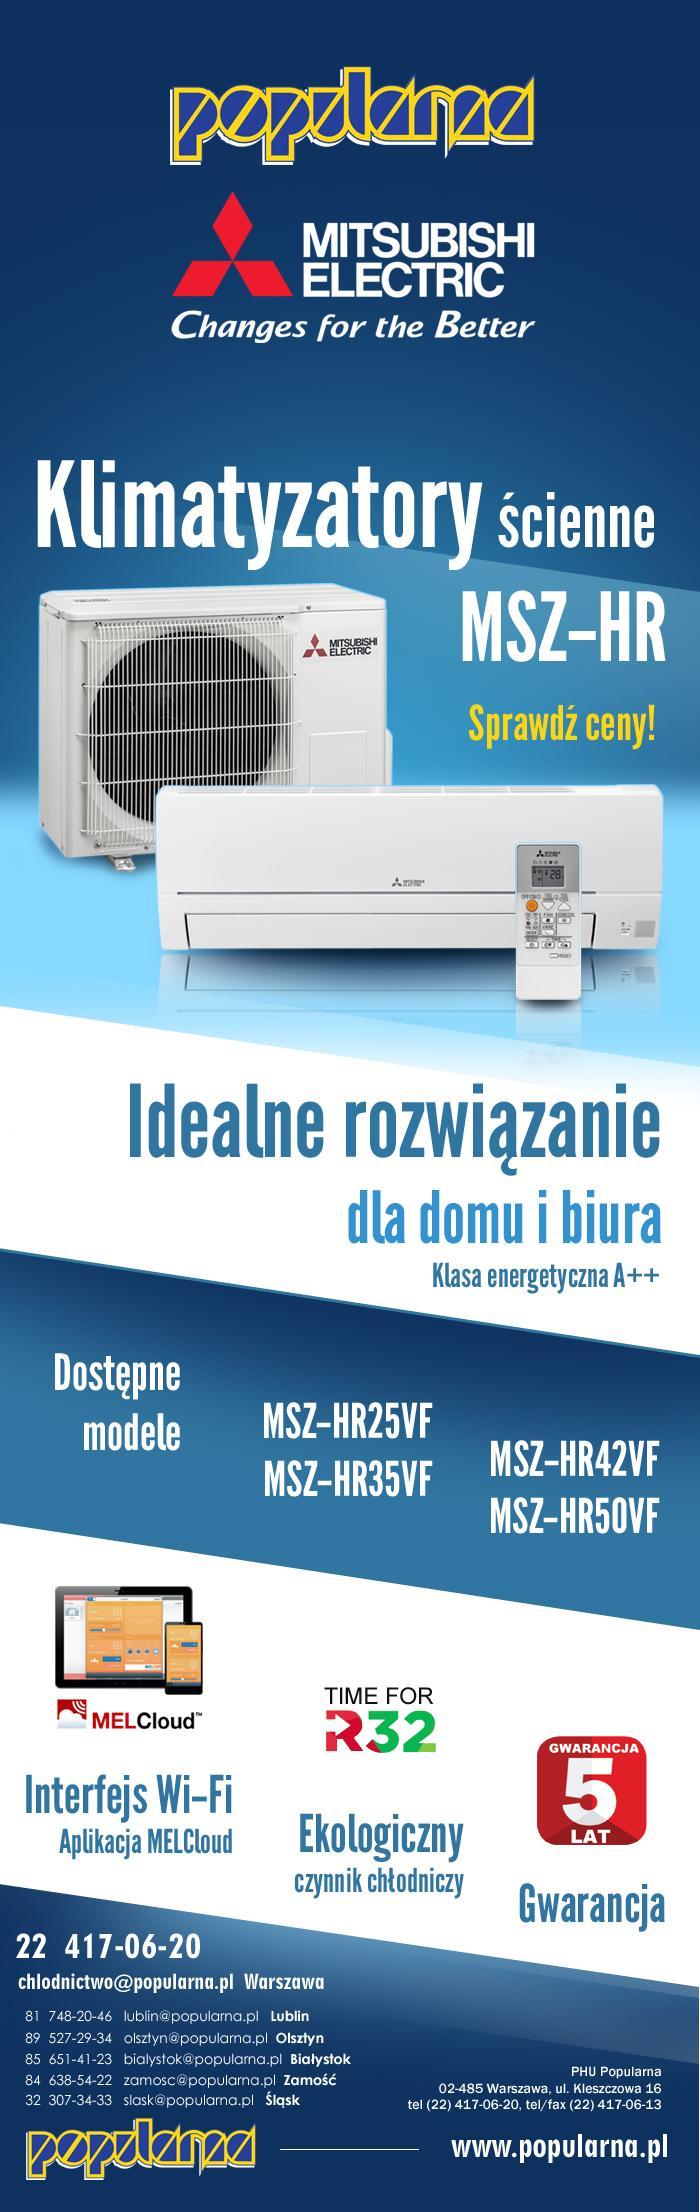 mailing 1 - Klimatyzatory MSZ-HR w POPULARNEJ